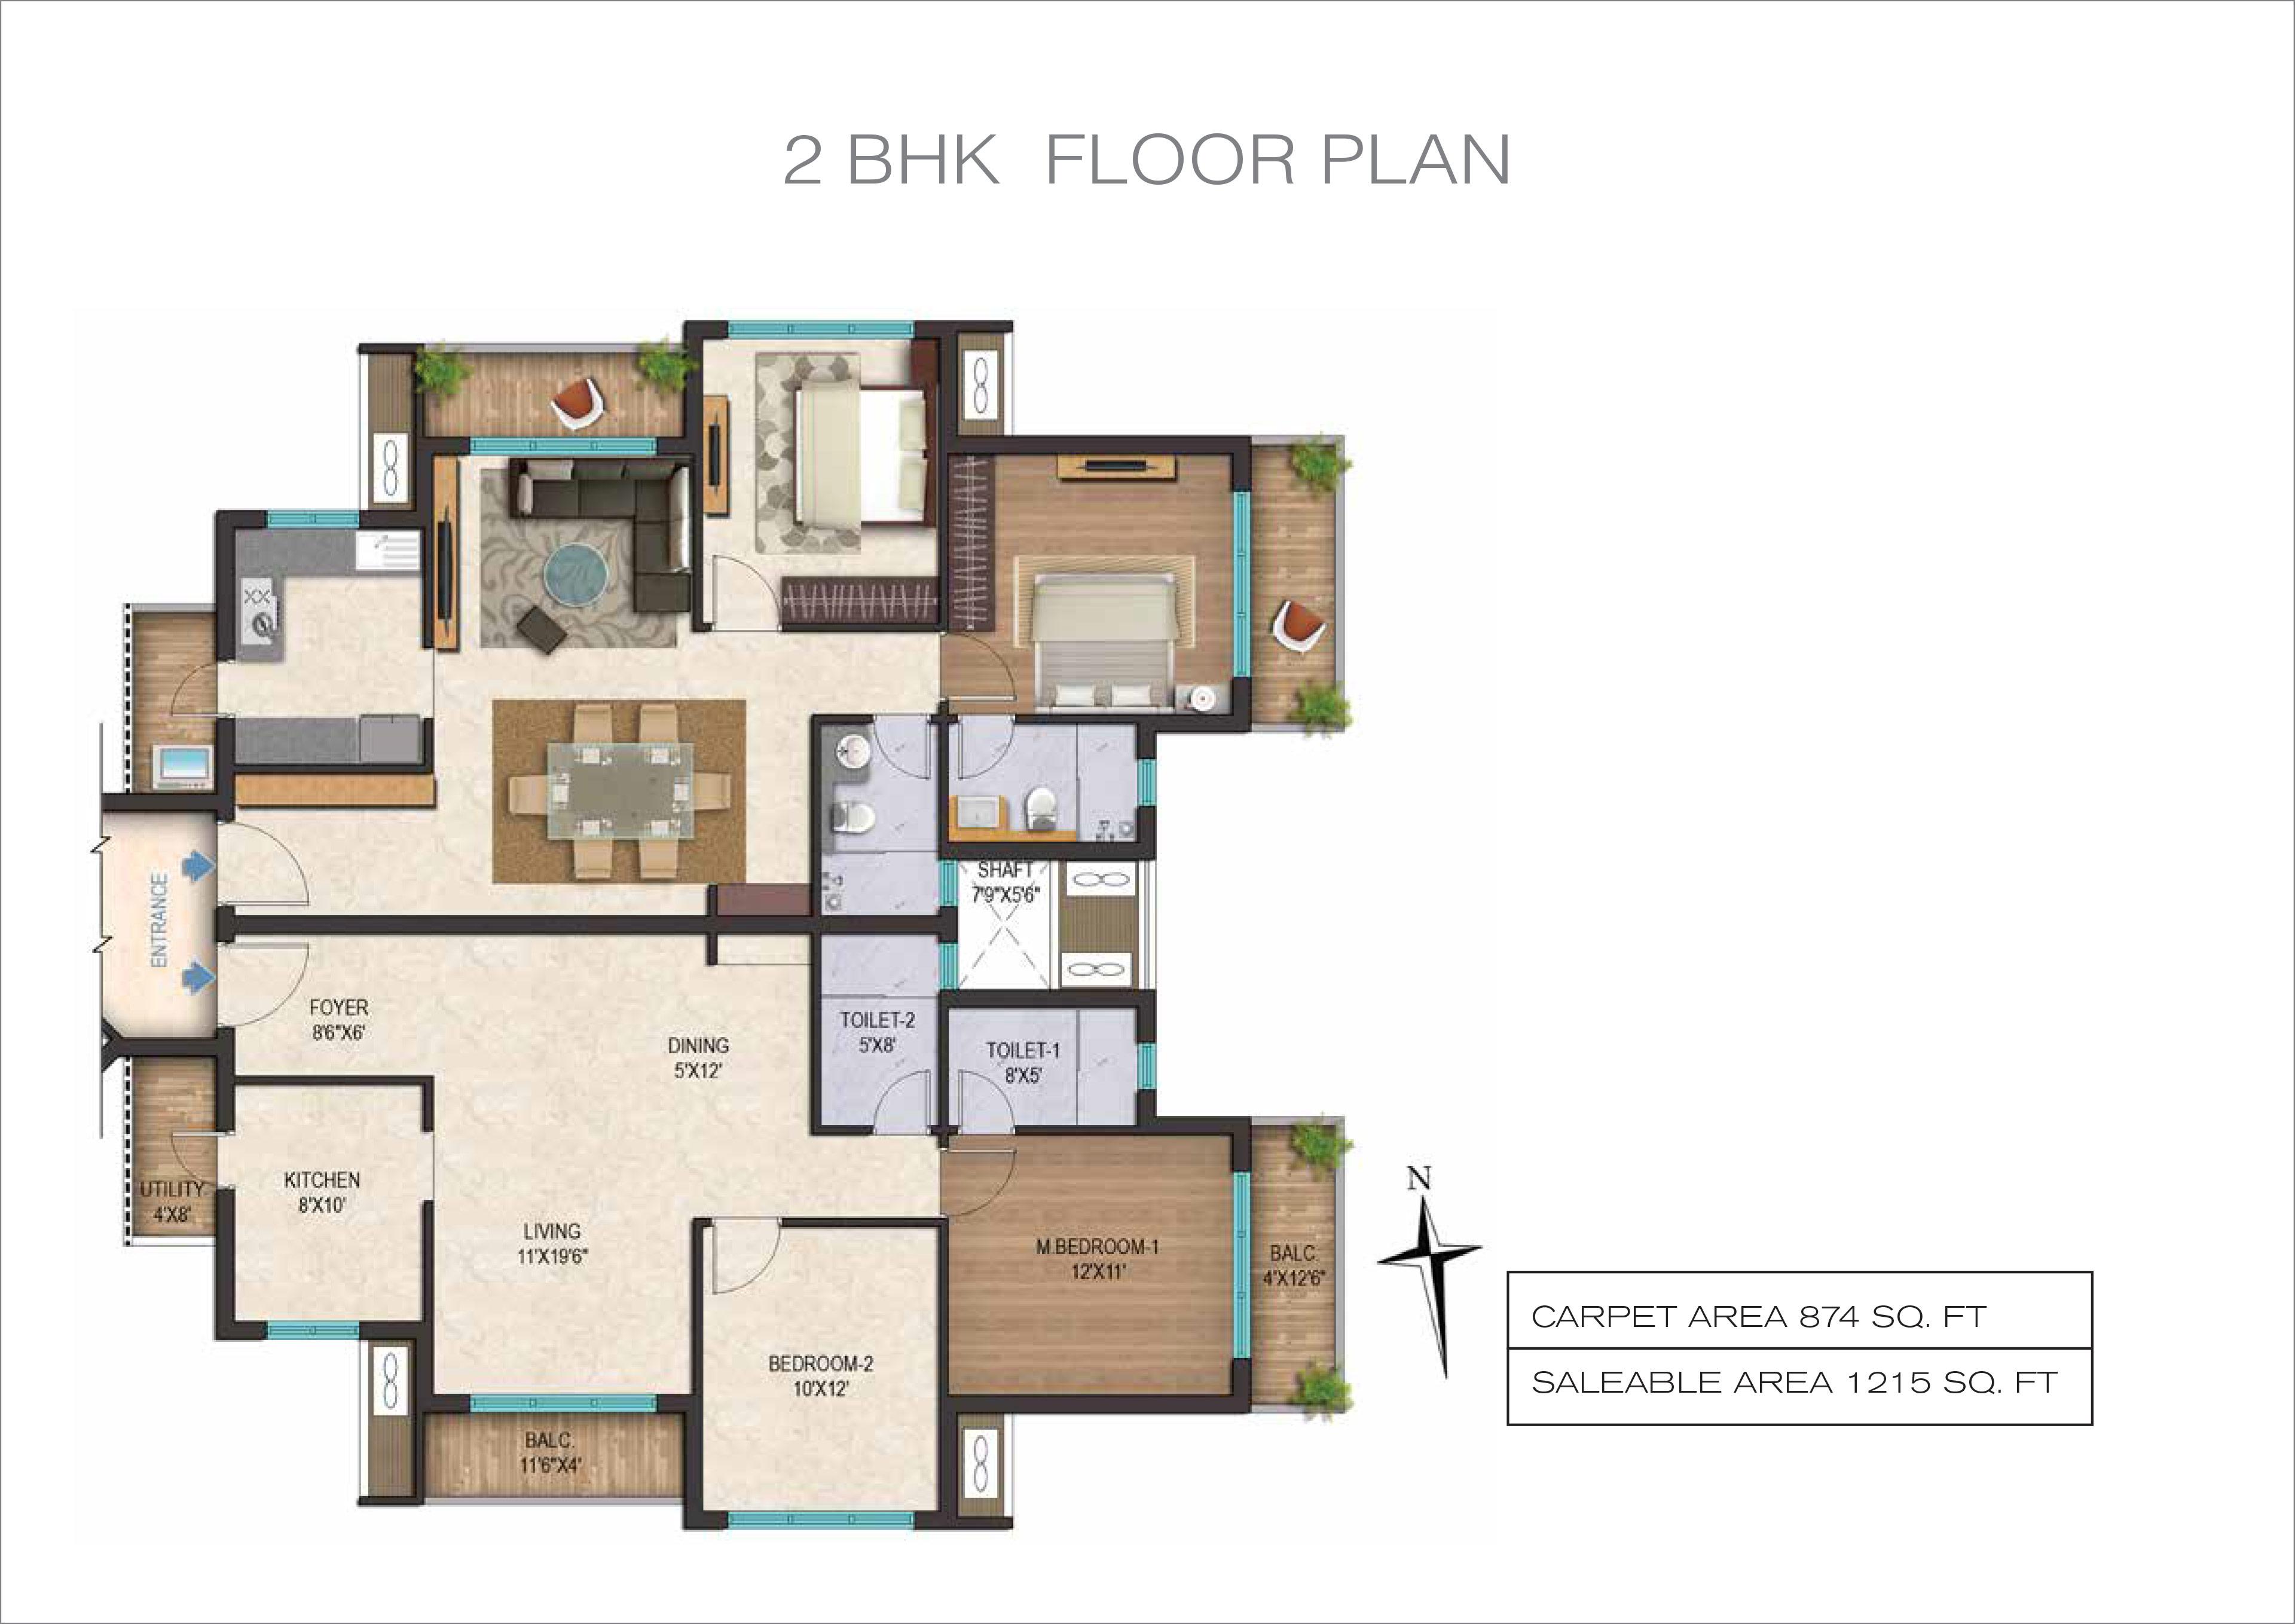 2 BHK, 2 5 BHK, 3 BHK Floor Plan of AF Tower - Metrozone